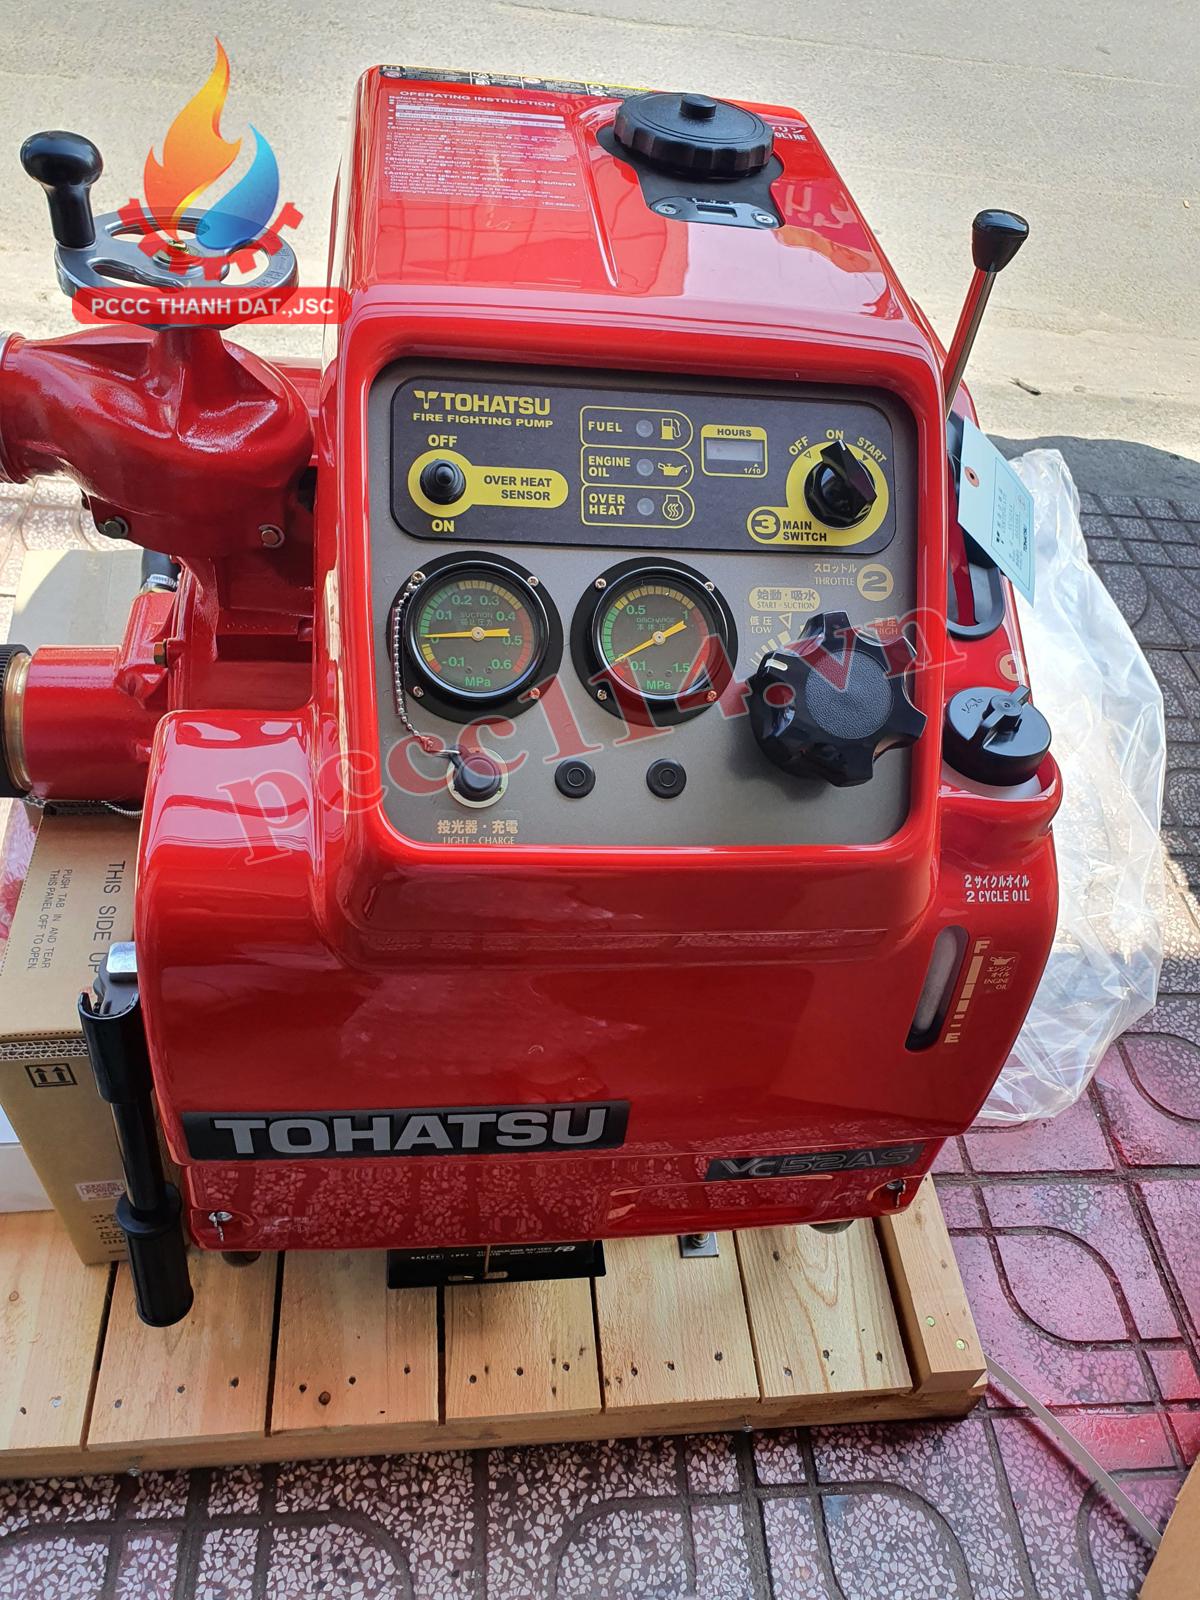 Hướng dẫn sử dụng máy bơm chữa cháy Tohatsu